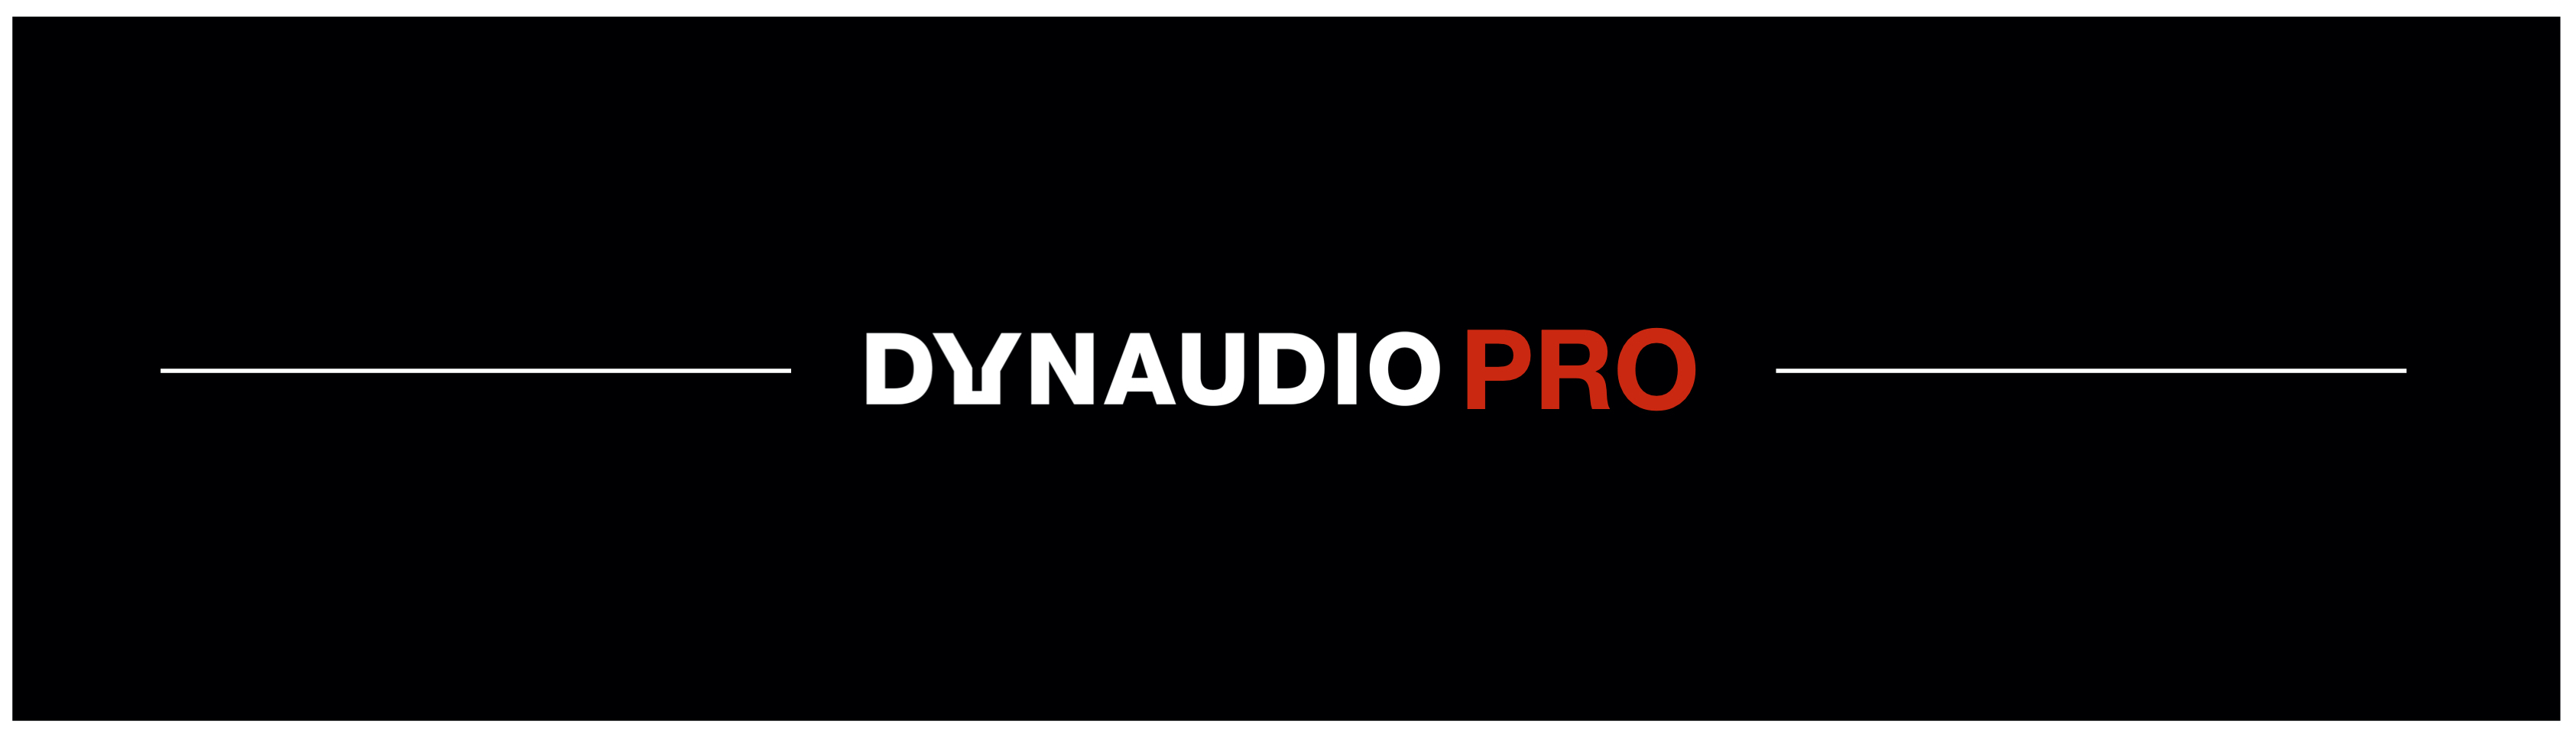 dynaudio-pro-logo.jpg